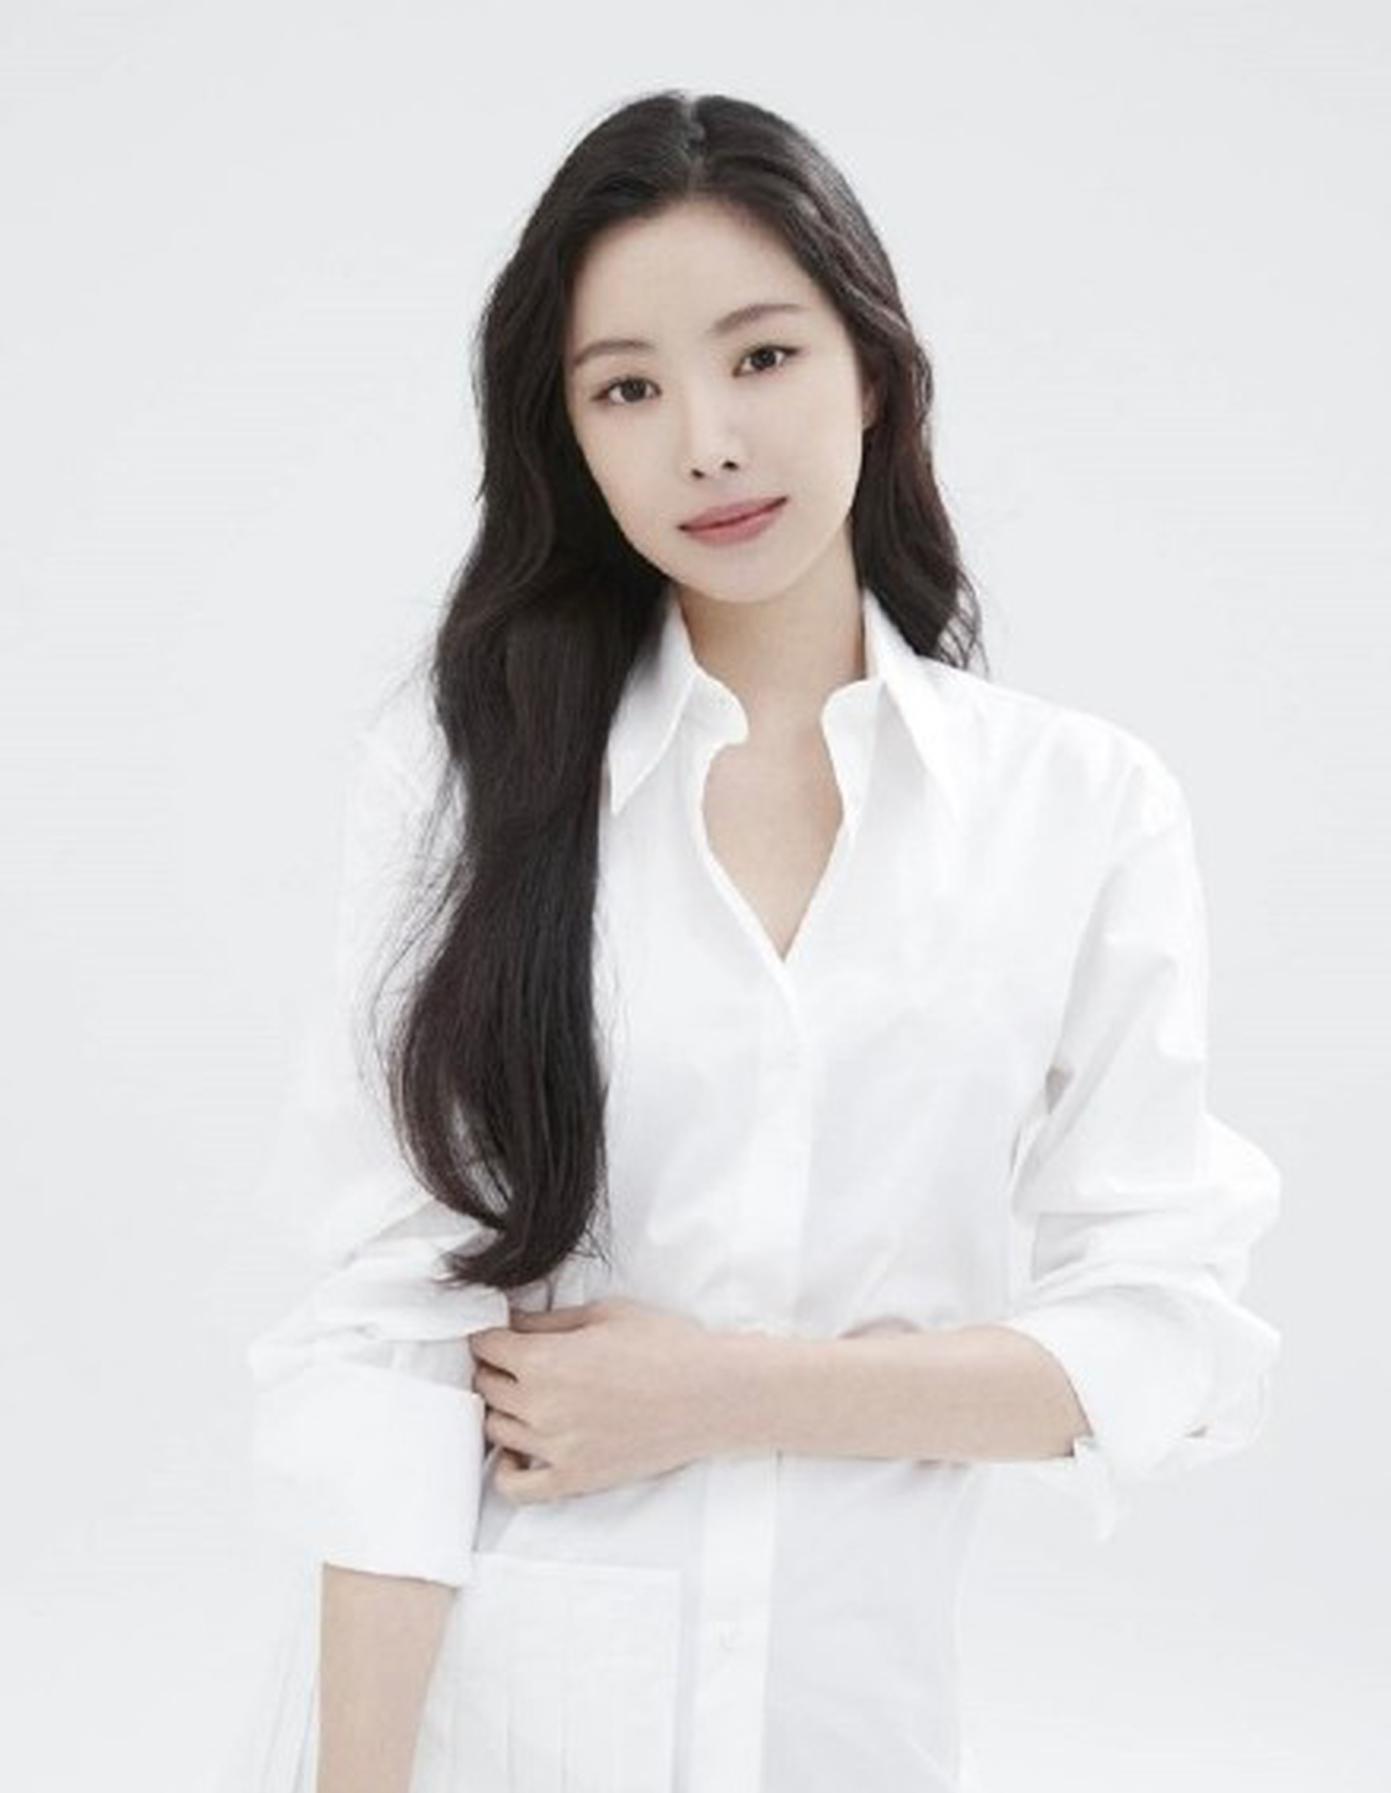 未与Apink所属社续约 孙娜恩签约YG娱乐